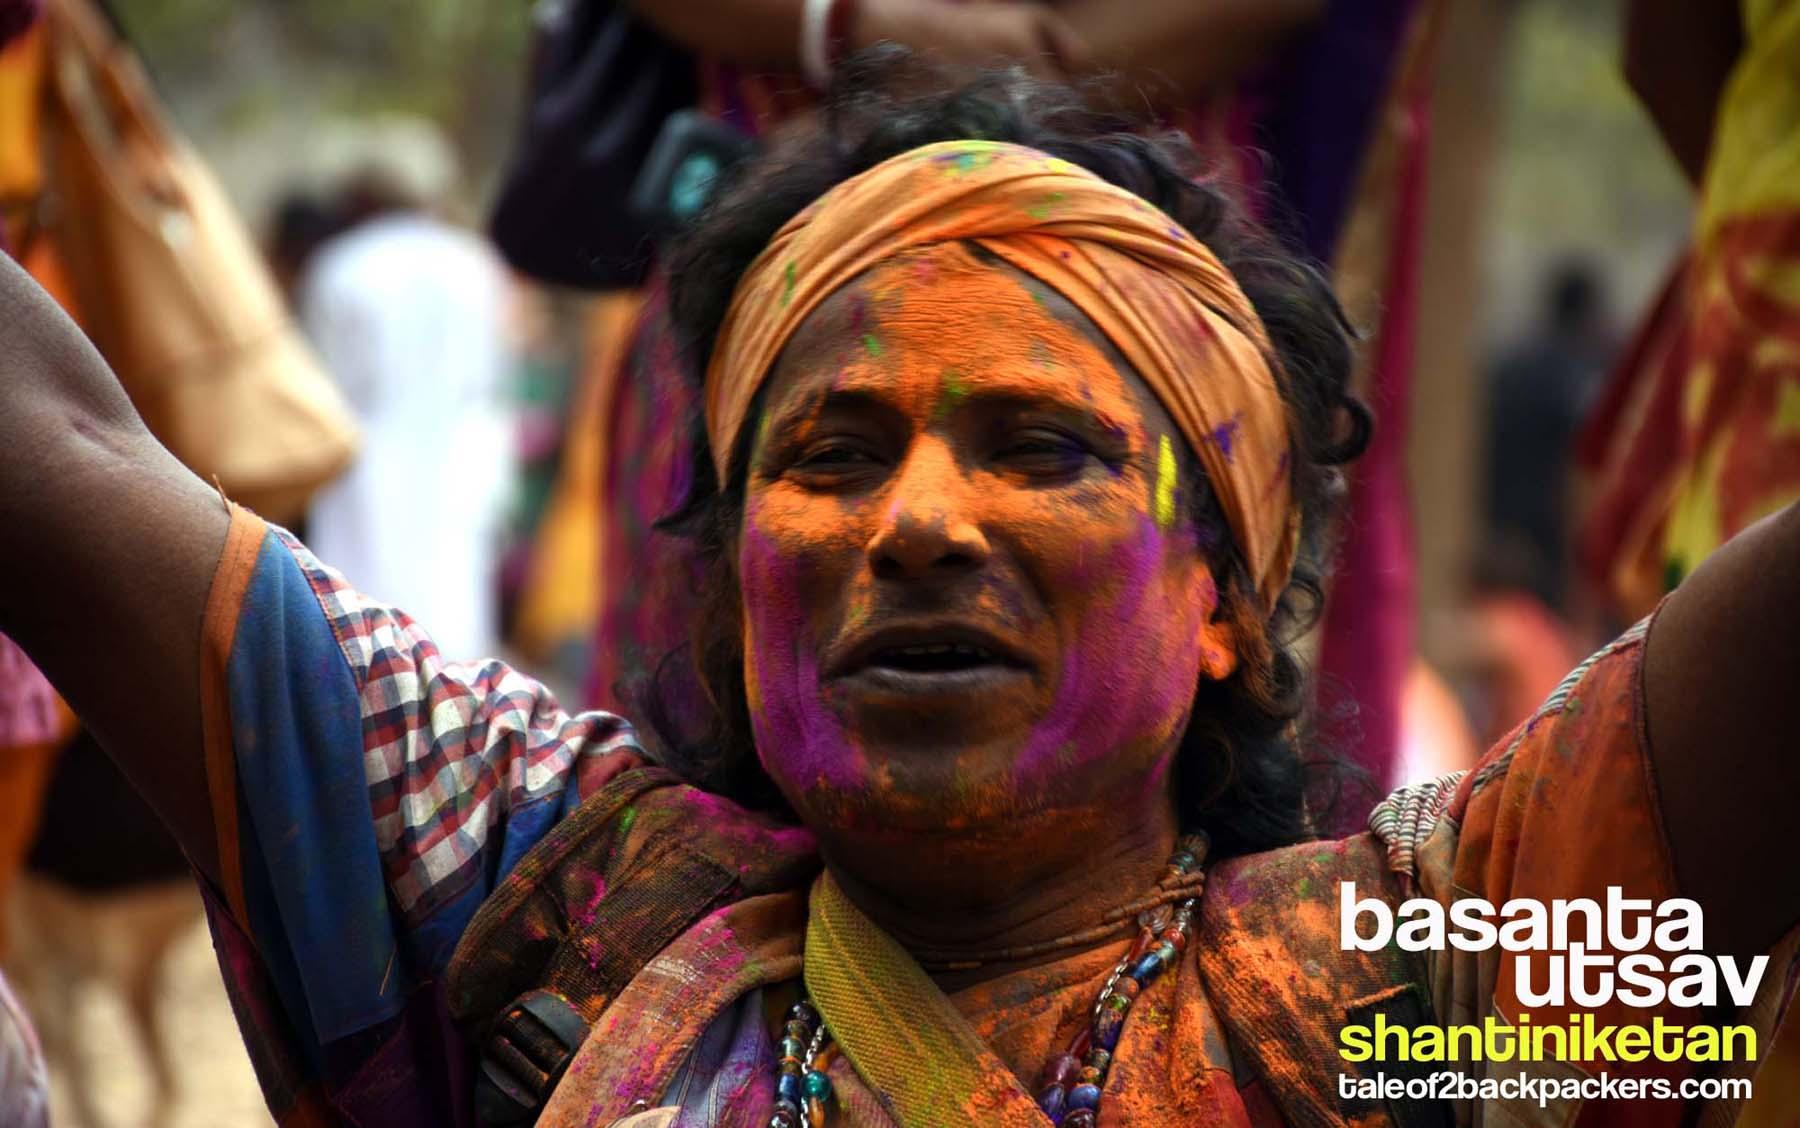 Basanta Utsav at Shantiniketan